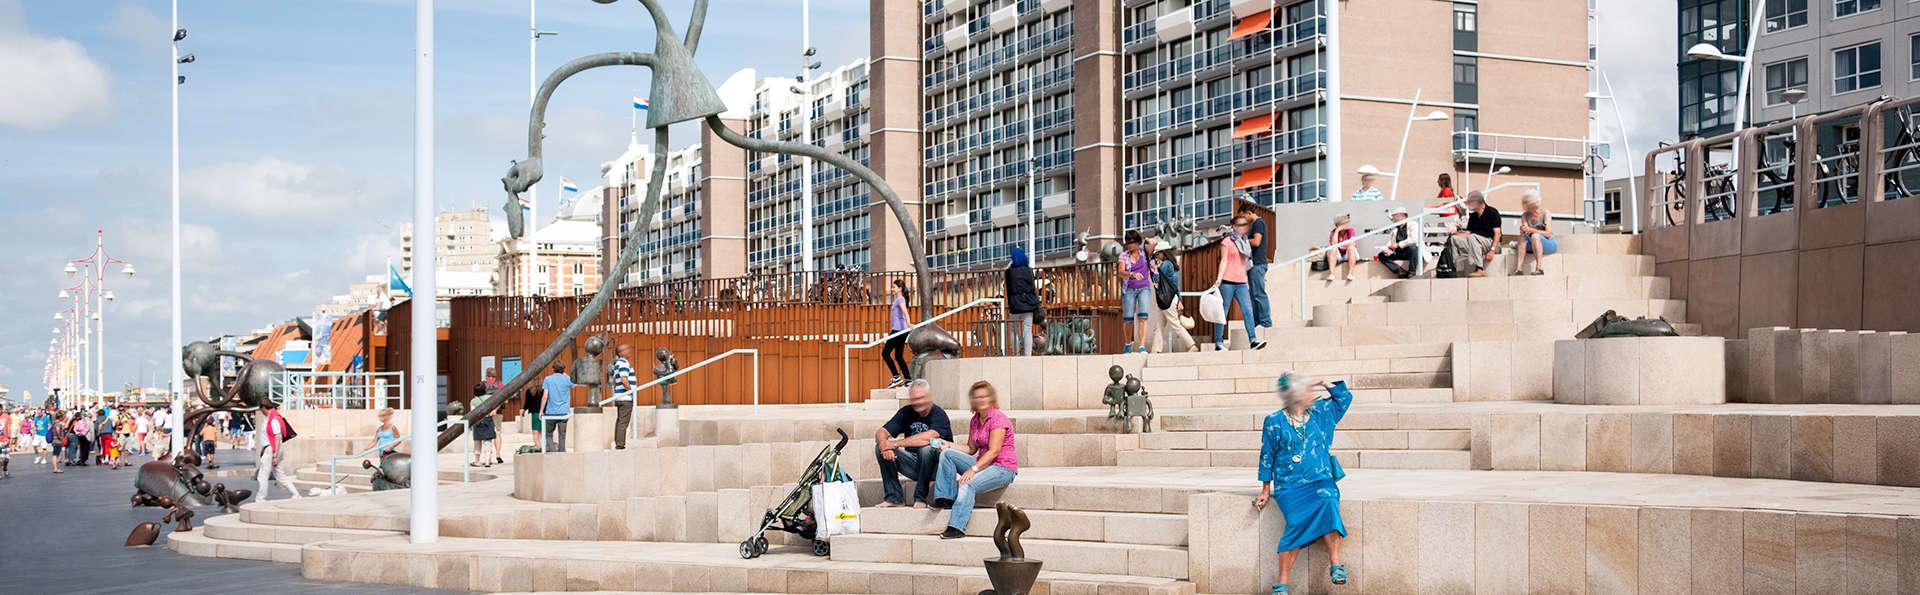 Ibis Den Haag Scheveningen - edit_destination7.jpg